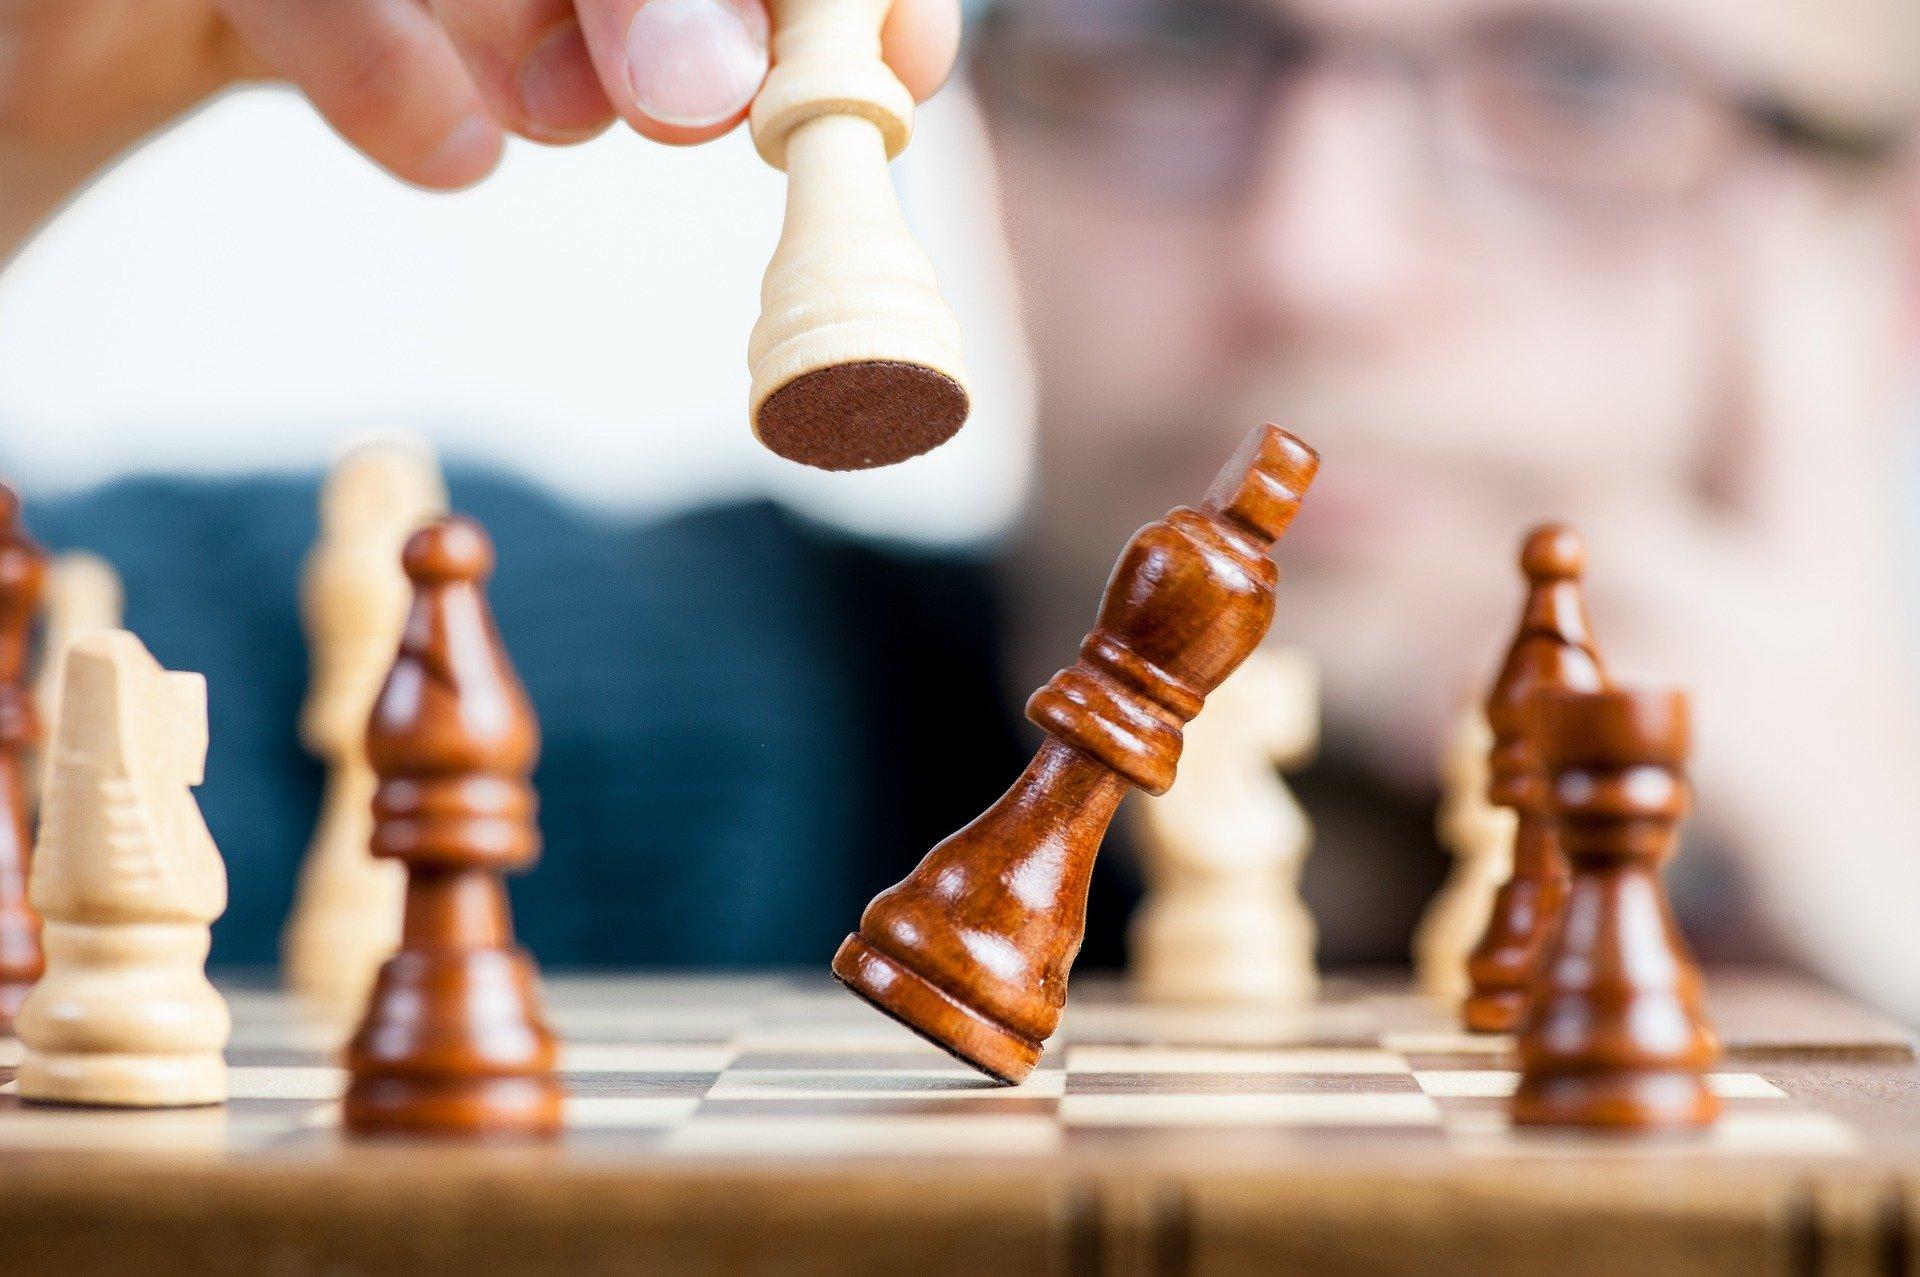 strategicheskoye planirovaniye, etapy strategicheskogo planirovaniya, strategicheskiy menedzhment, razrabotka strategicheskogo plana